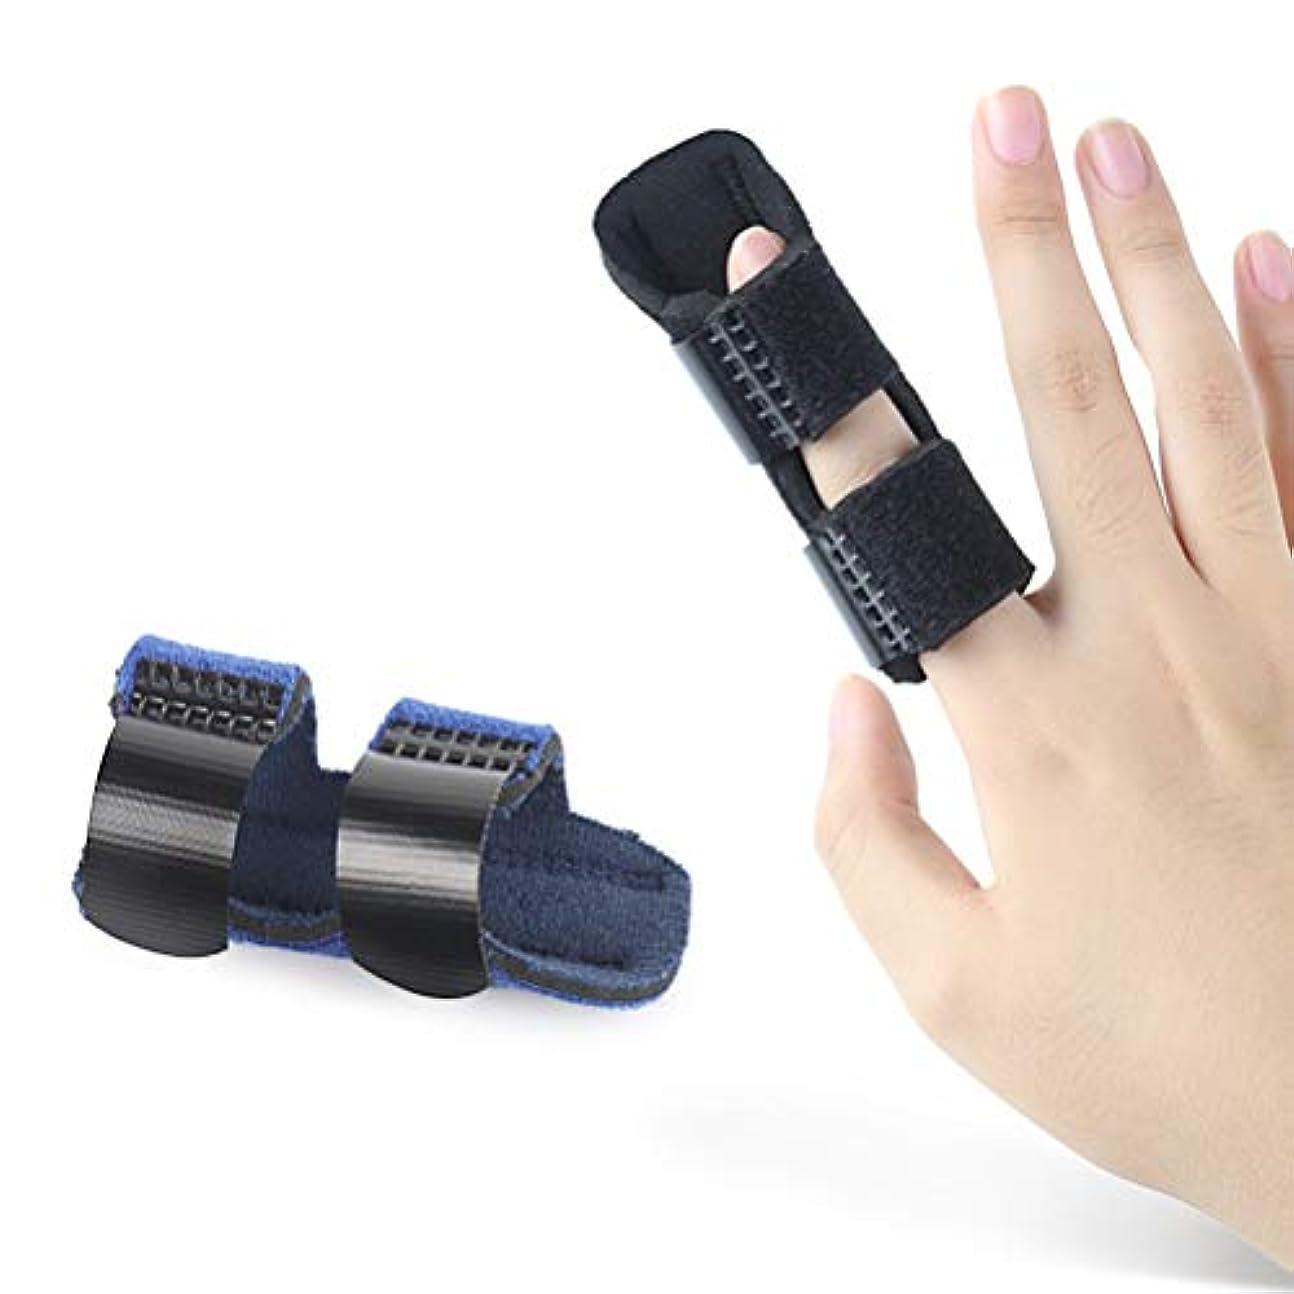 サービス病弱トチの実の木SUPVOX 首サポートブレース 腱鞘炎 バネ指 関節靭帯保護 損傷回復に 手首の親指の痛みを和らげる 1対指スプリントサポート(黒)